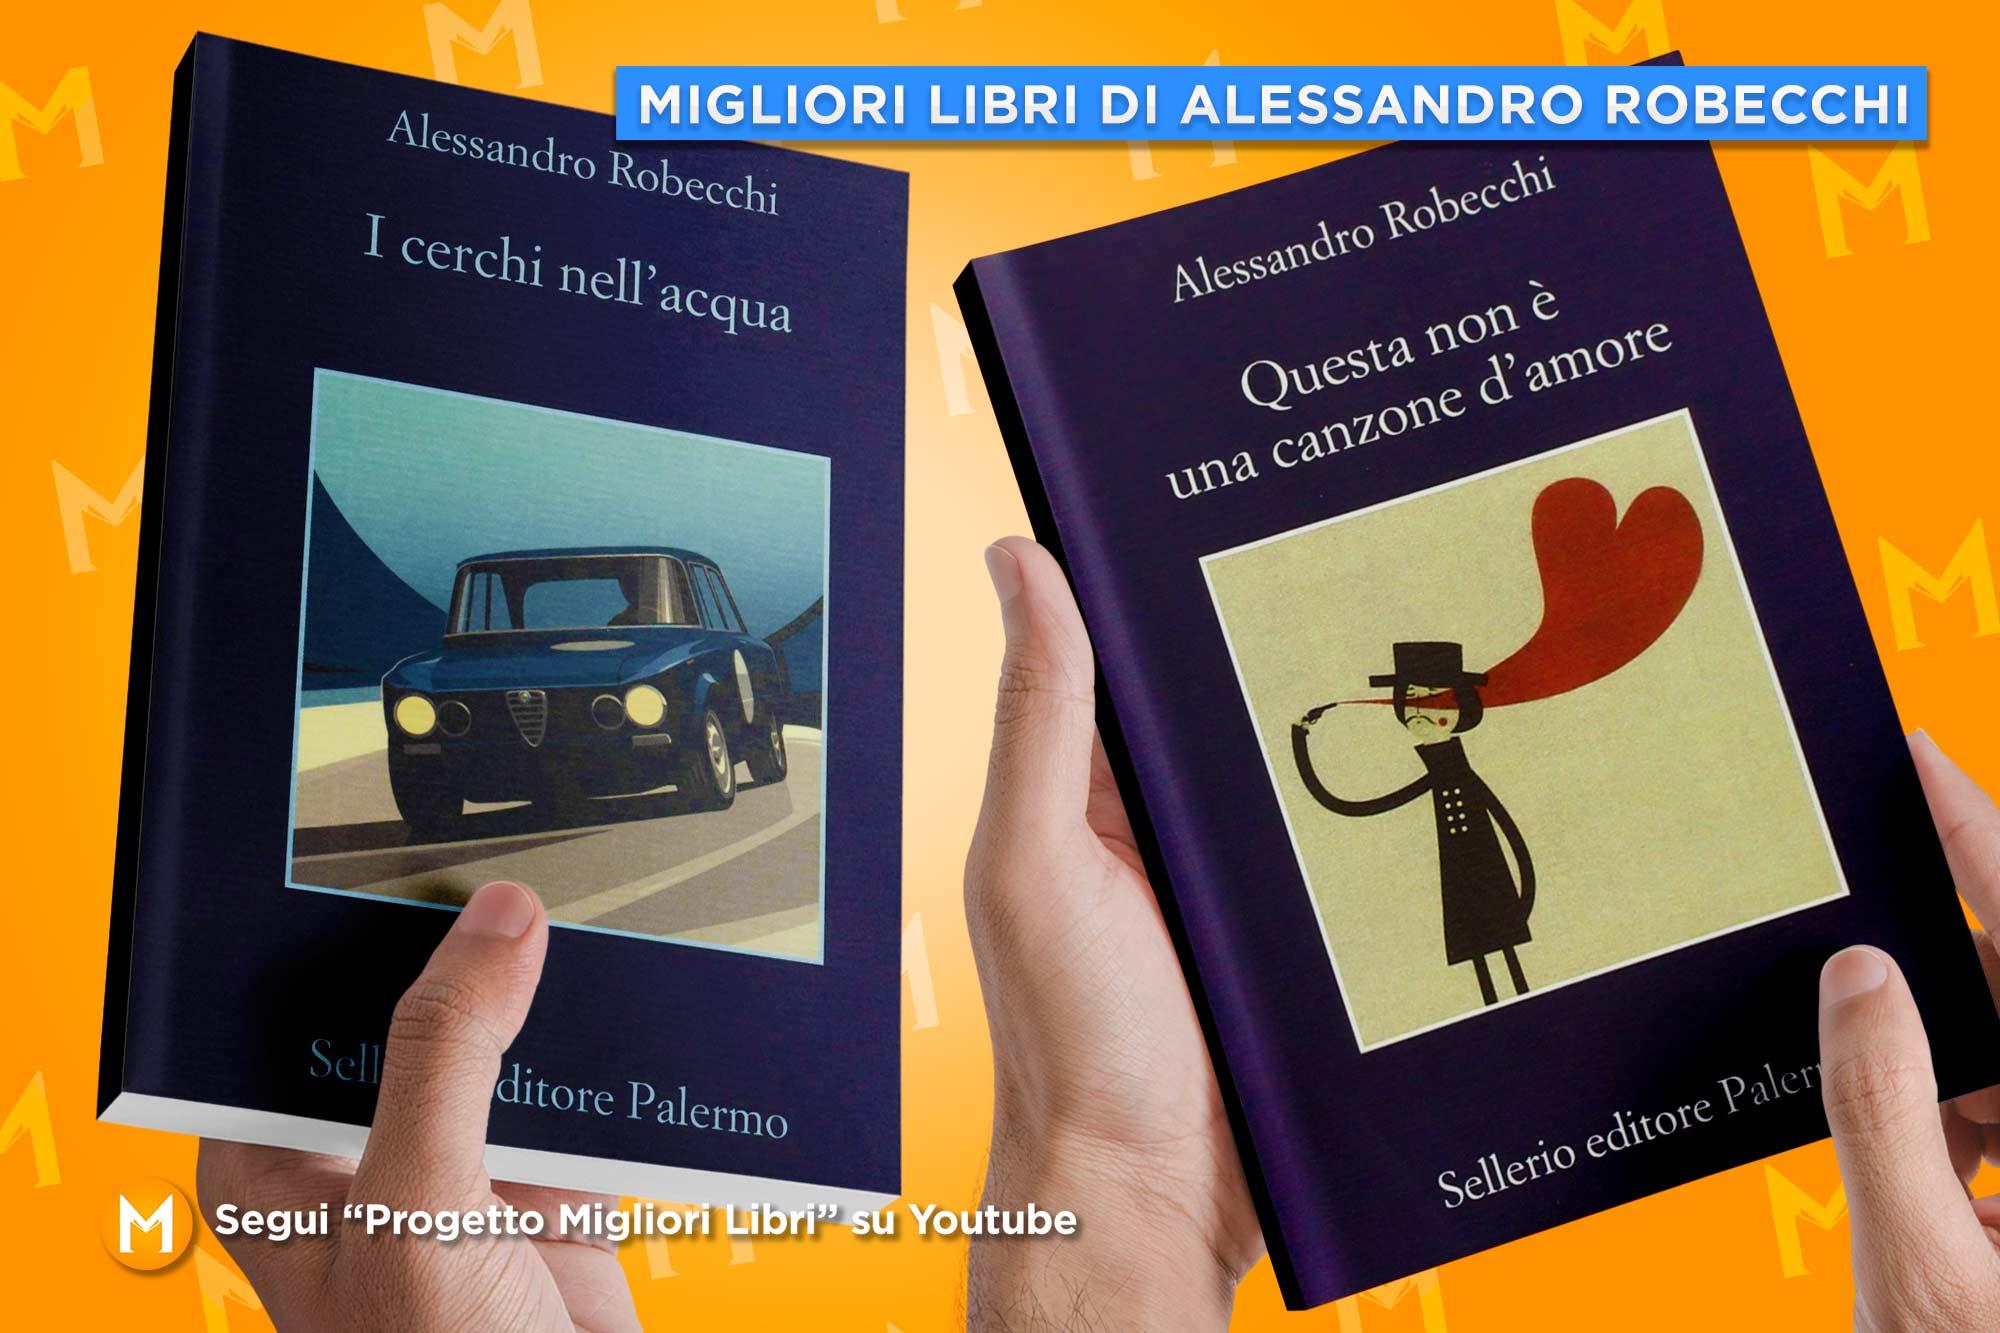 migliori-libri-alessandro-robecchi